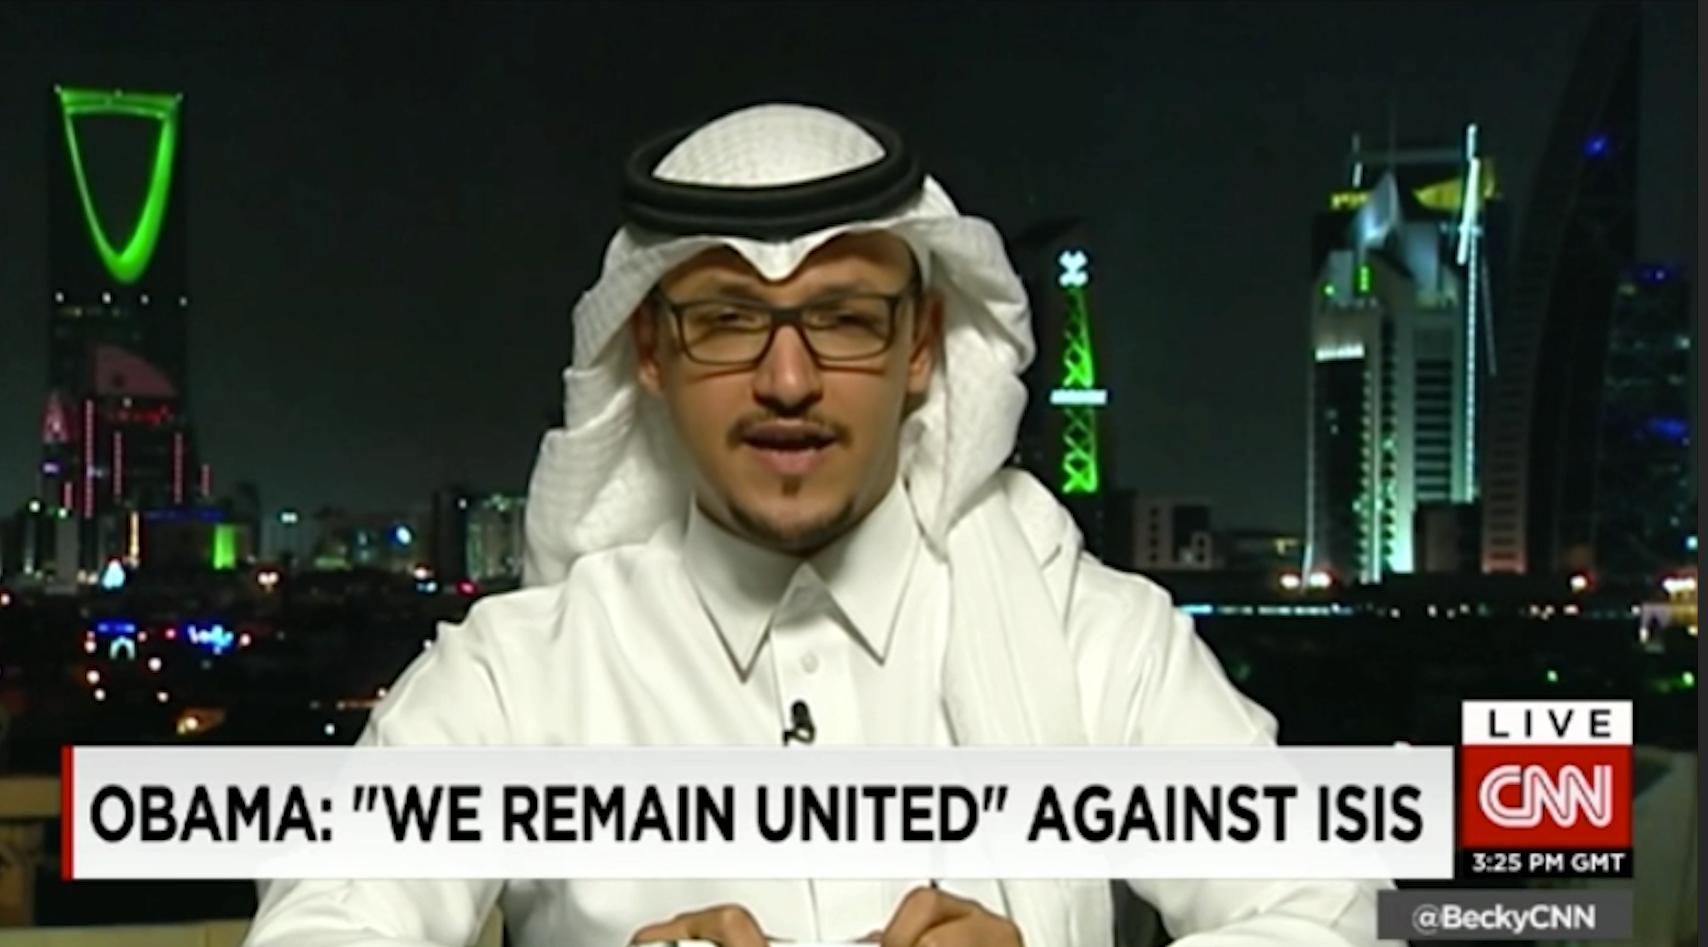 مؤسس لوبي السعودية بأمريكا لـCNN: أوباما لا يتمتع بمعرفة ملمة بالعلاقات الشرق أوسطية